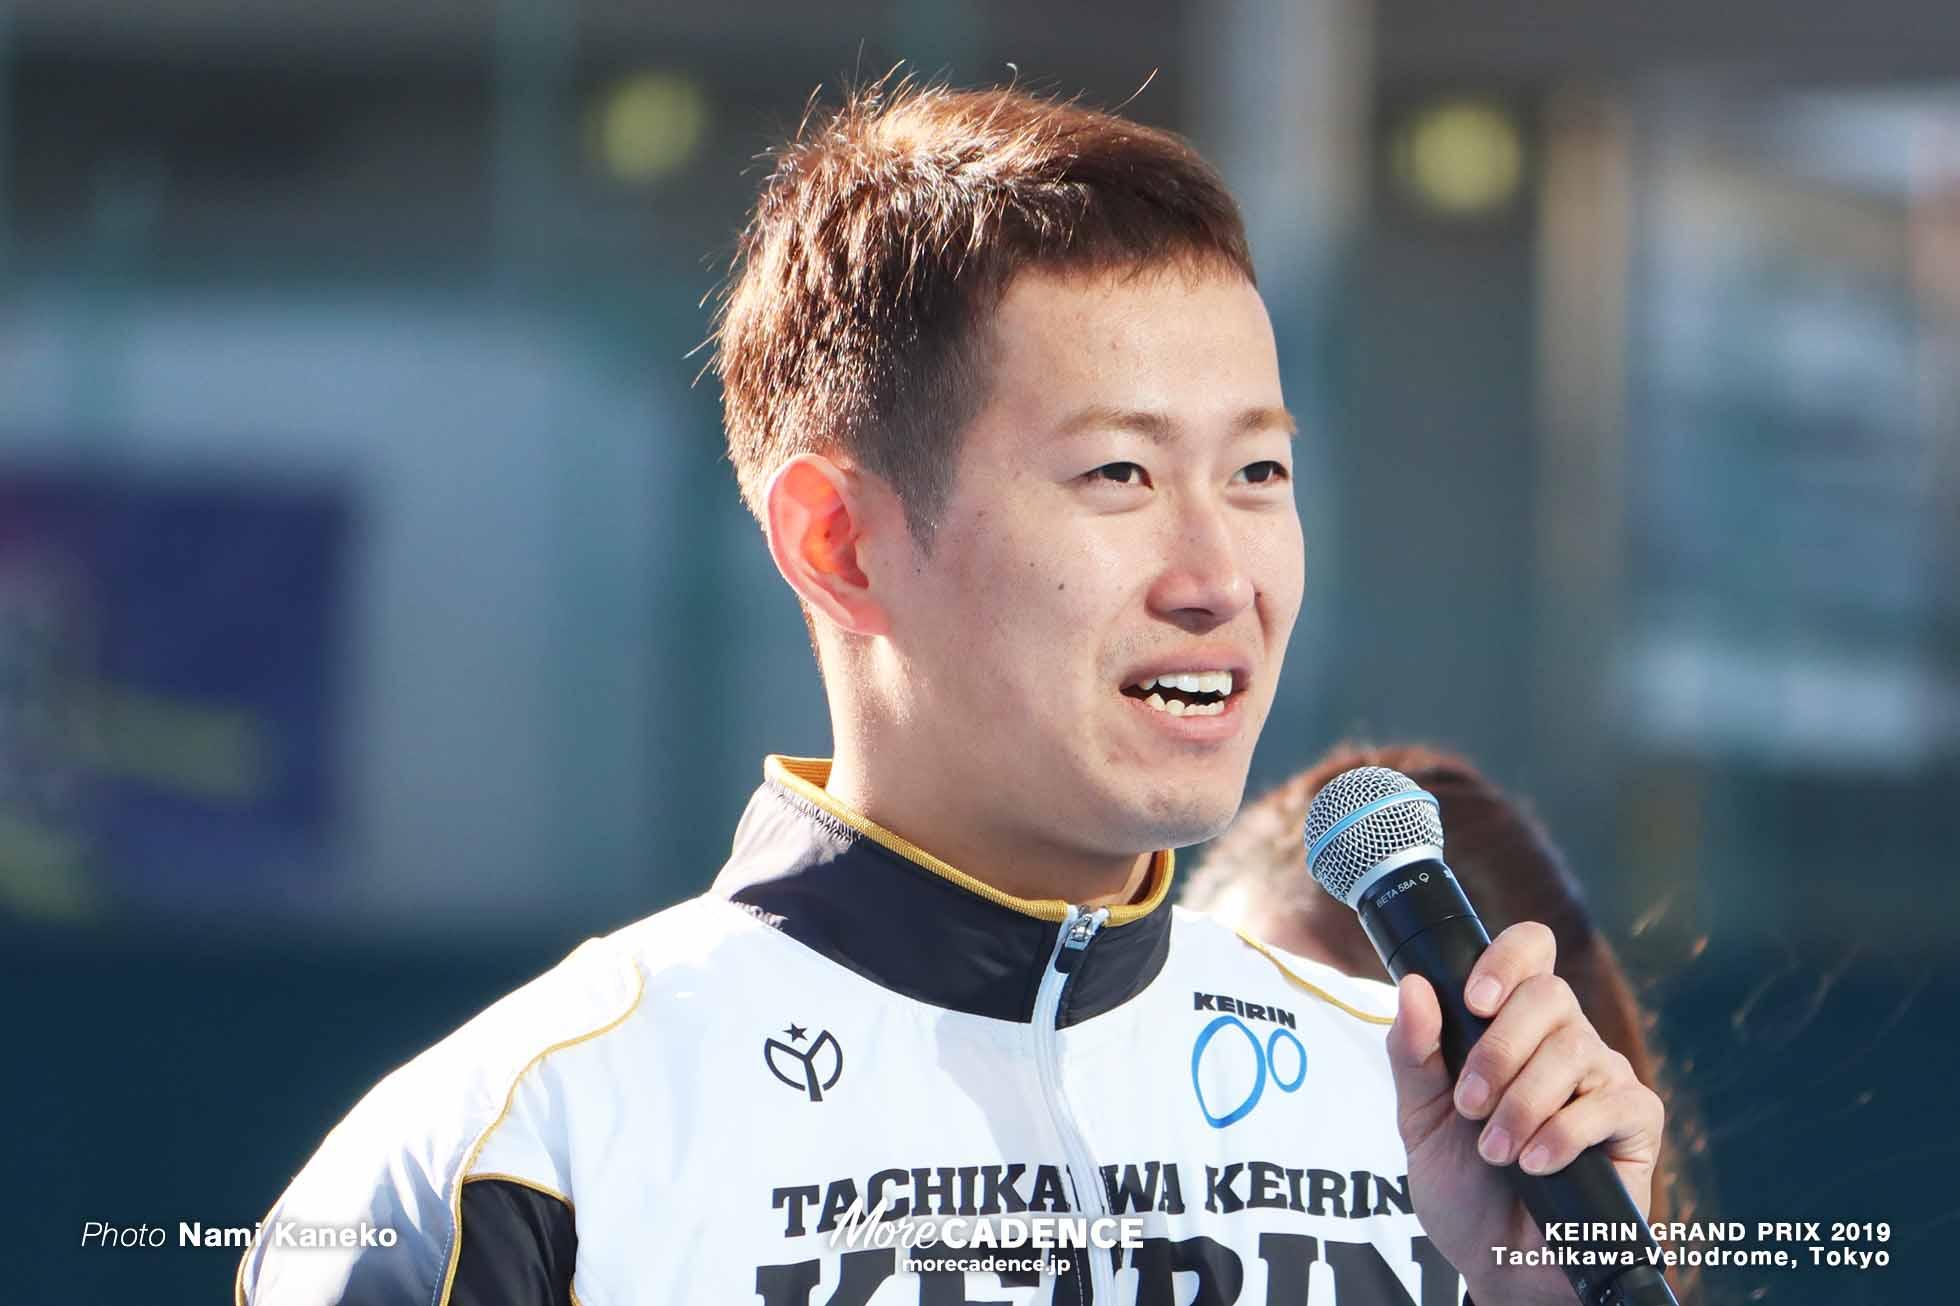 脇本雄太 KEIRINグランプリ2019 開会式